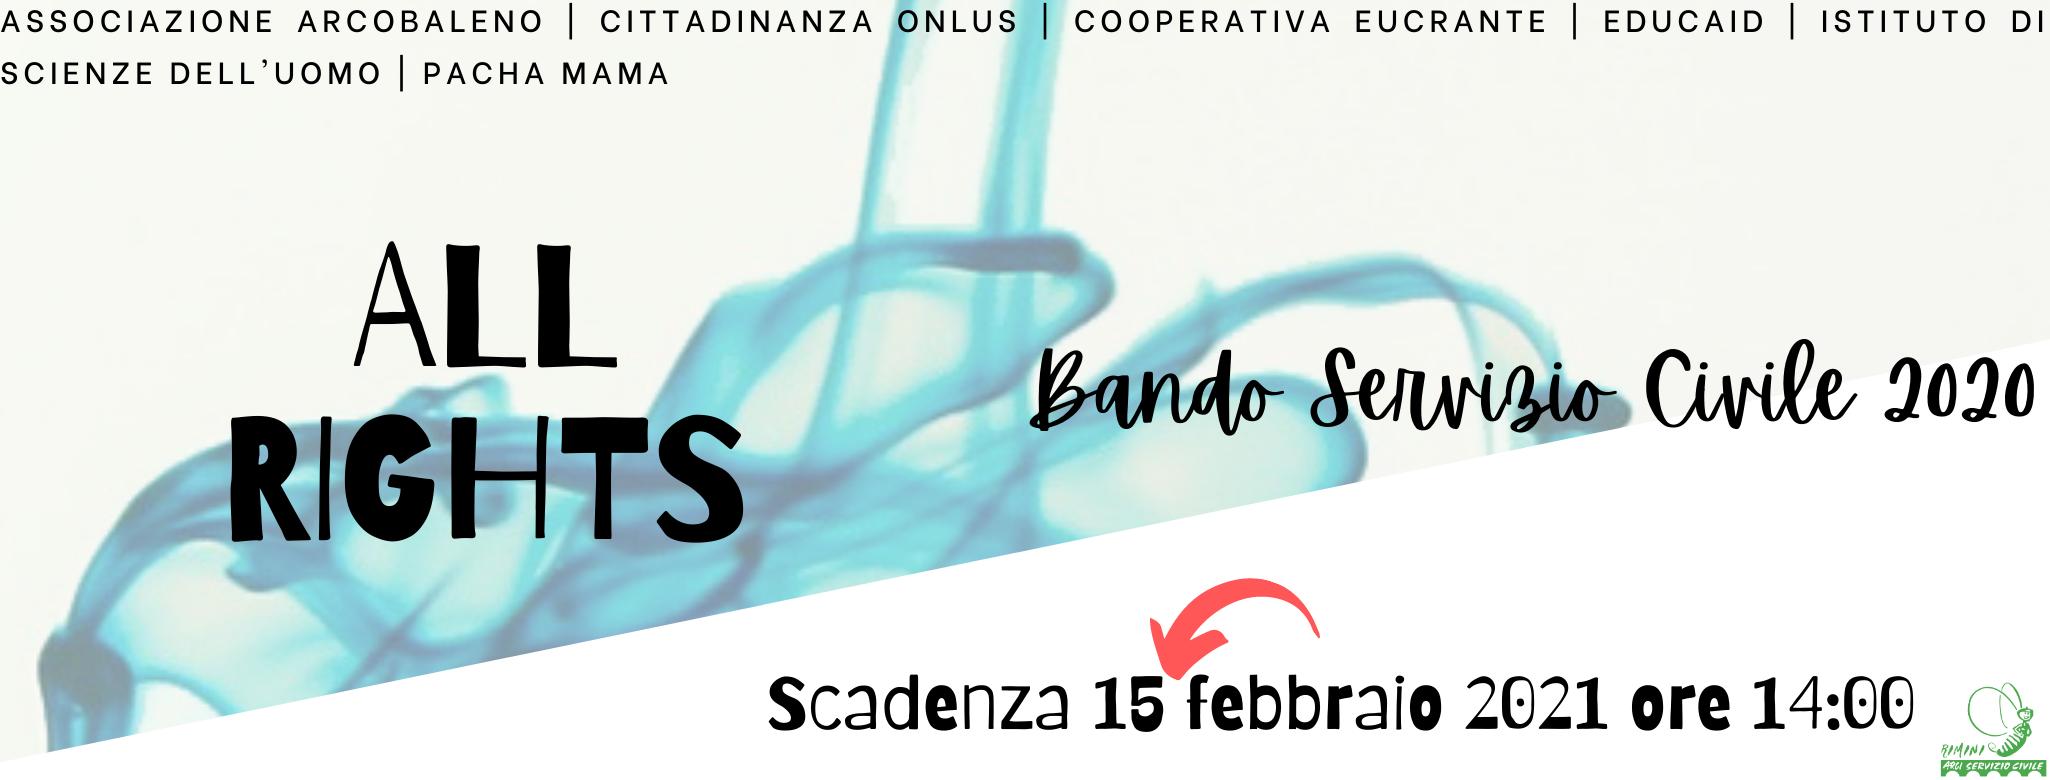 All Rights - Bando Servizio Civile